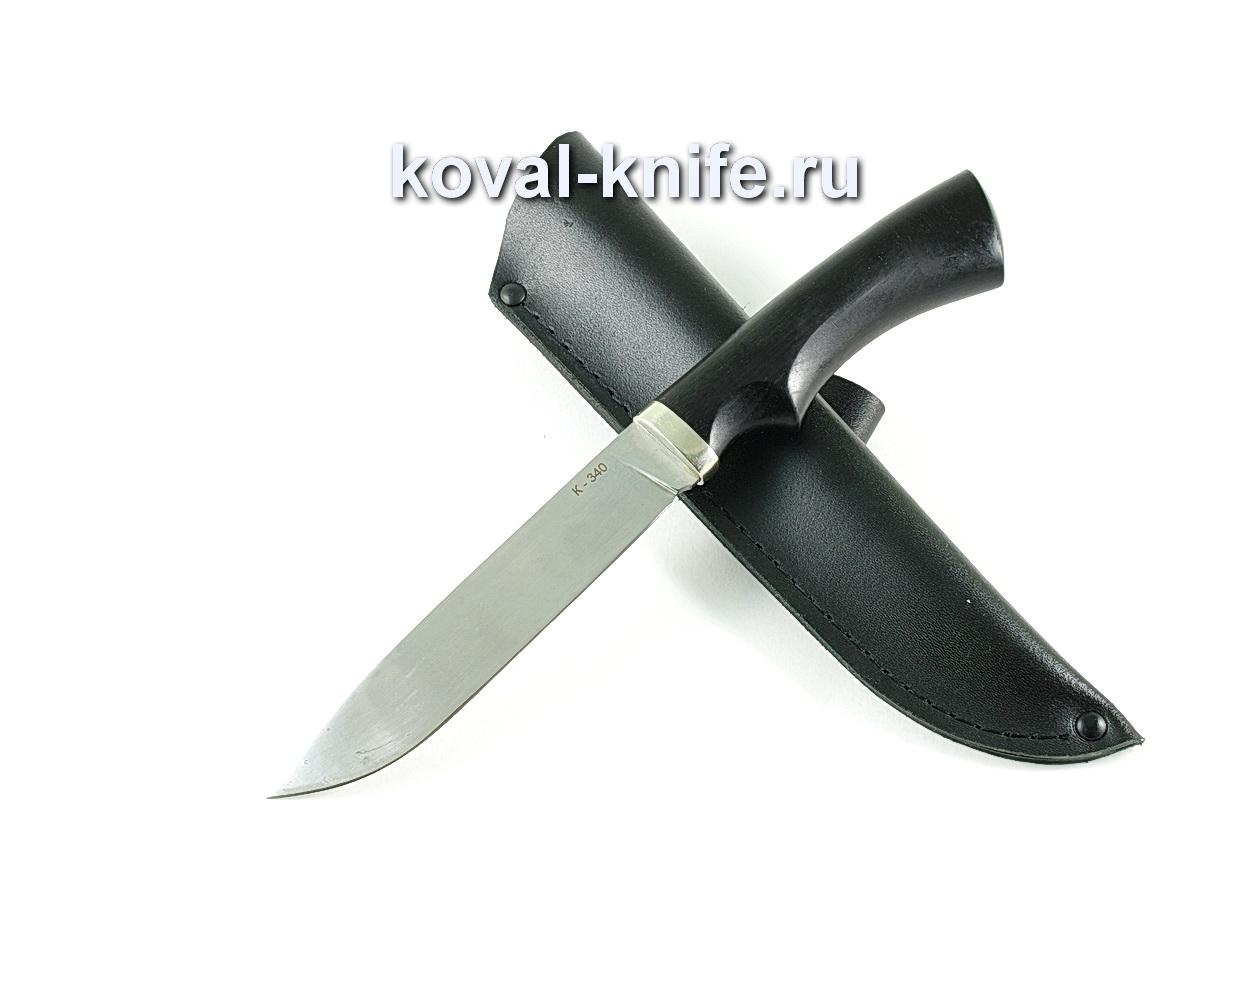 Нож Турист (сталь K-340), рукоять граб, литье A125